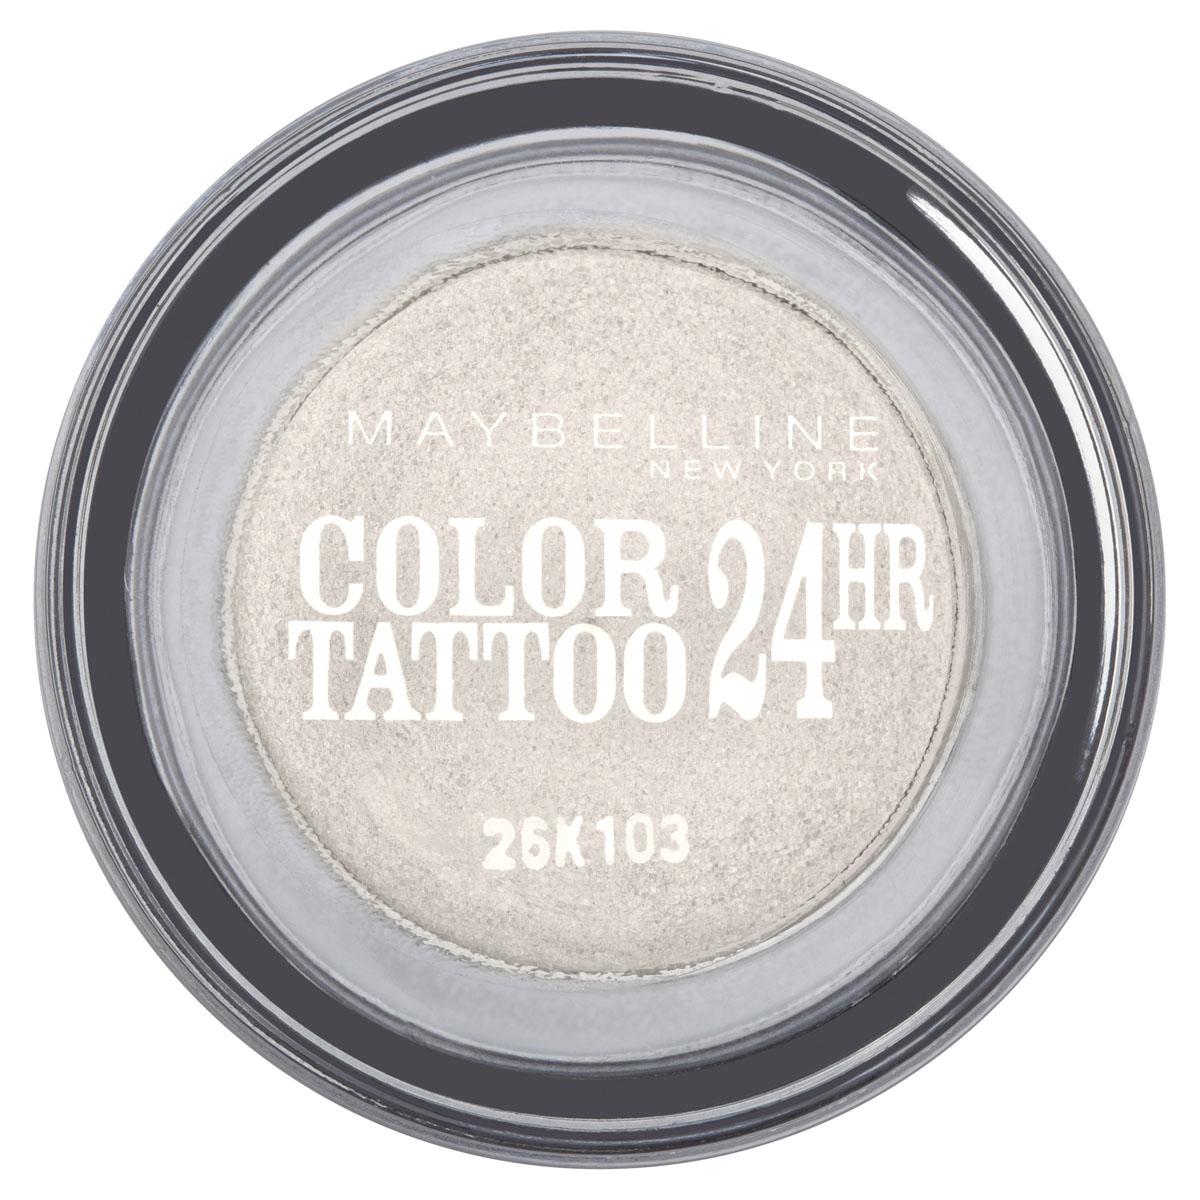 Maybelline New York Тени для век Color Tattoo 24 часа, оттенок 45, Бесконечно белый, 4 мл28032022Технология тату-пигментов создает яркий, супернасыщенный цвет. Крем-гелевая текстура обеспечивает ультралегкое нанесение и стойкость на 24 часа.12 оттенков